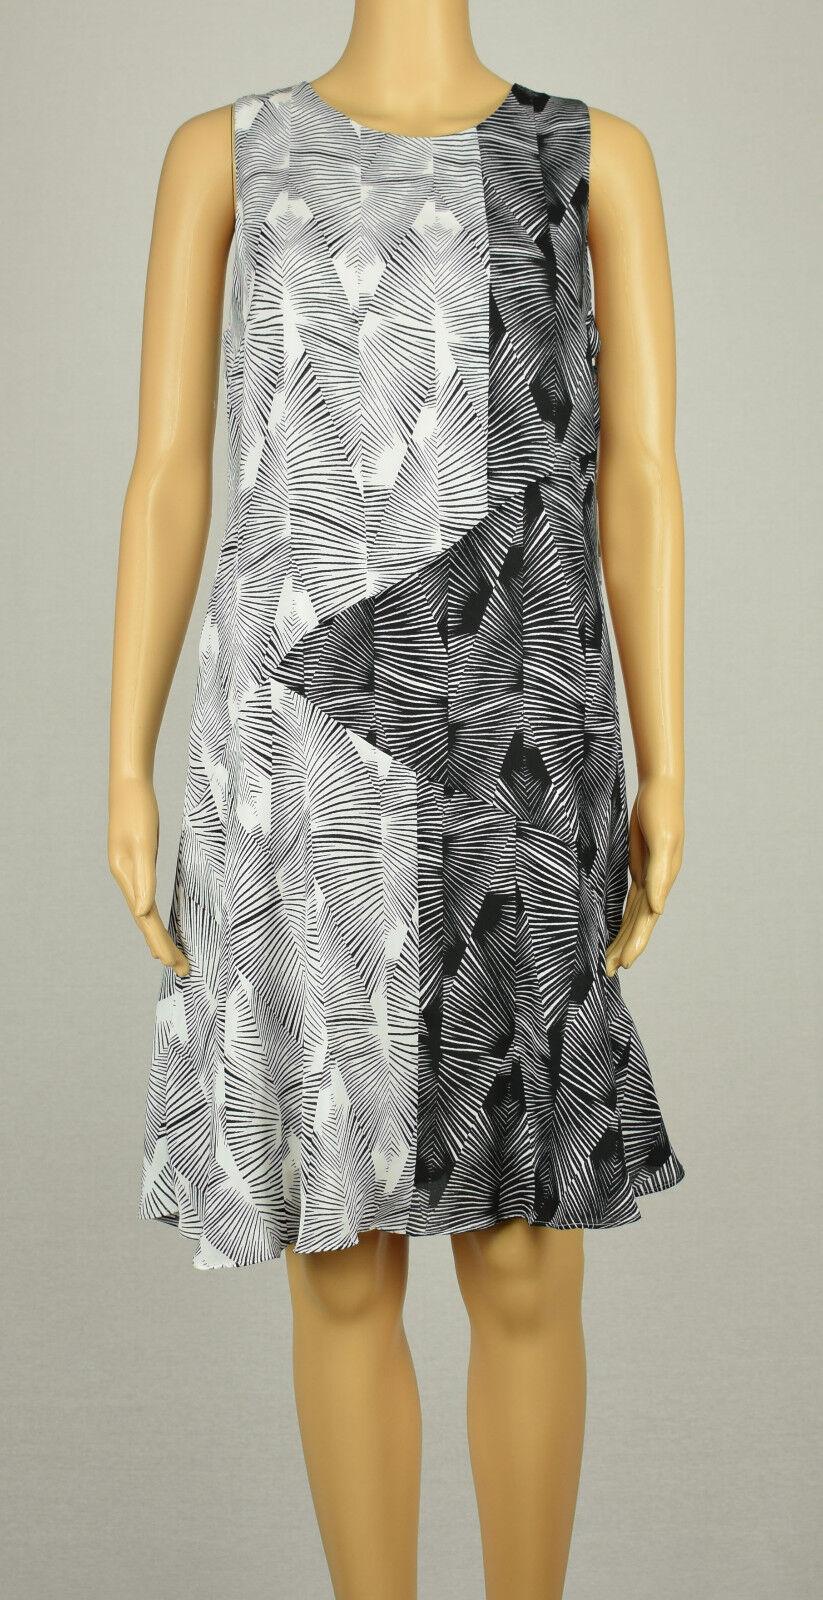 Vince Camuto Damen Schwarz Weiß Ärmellos Grafik Gestreiftes Kleid 4